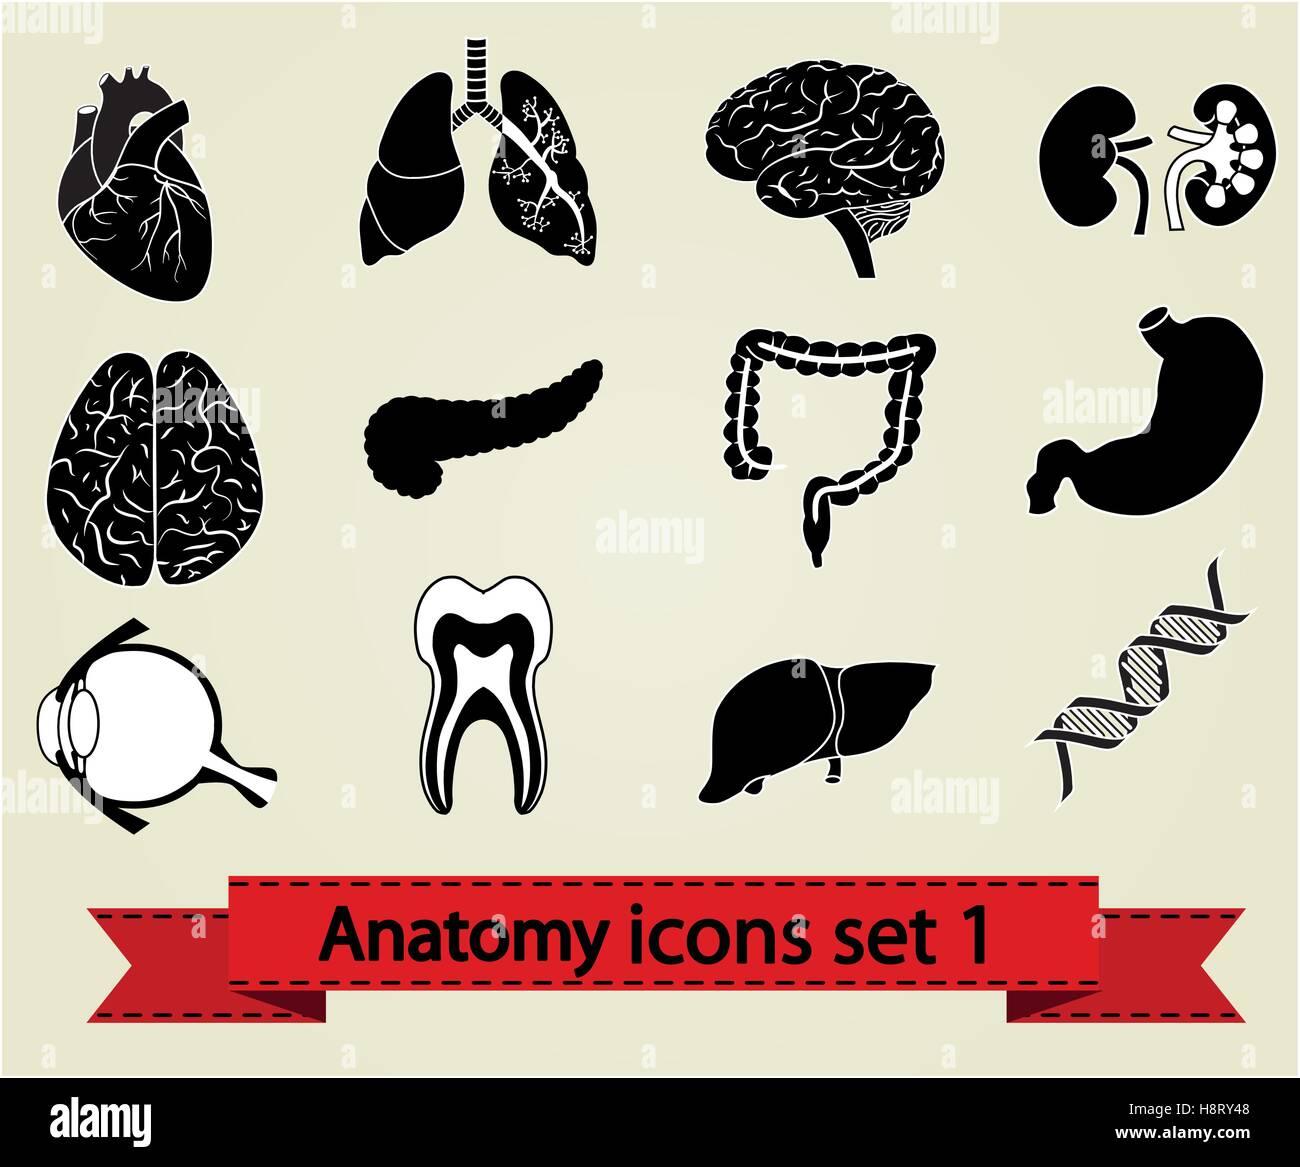 Menschliche Anatomie Symbole Teile: Gehirn, Leber, Herz, Niere ...